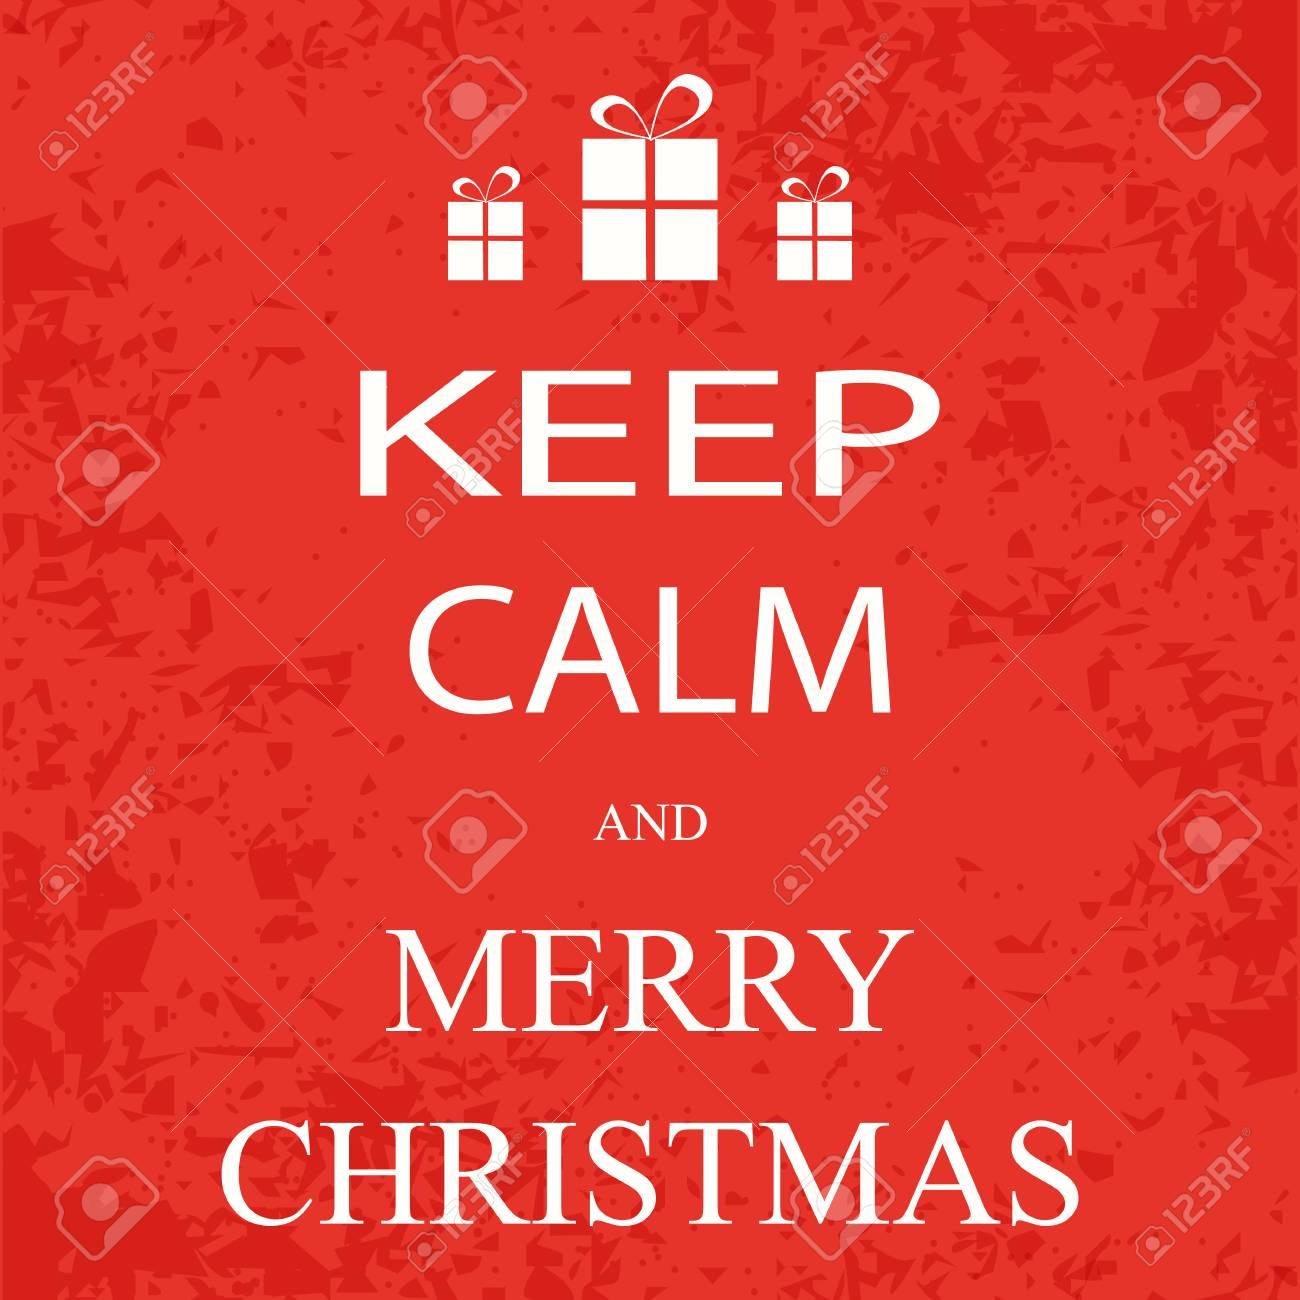 Keep Calm Christmas.Banner Poster Keep Calm And Merry Christmas